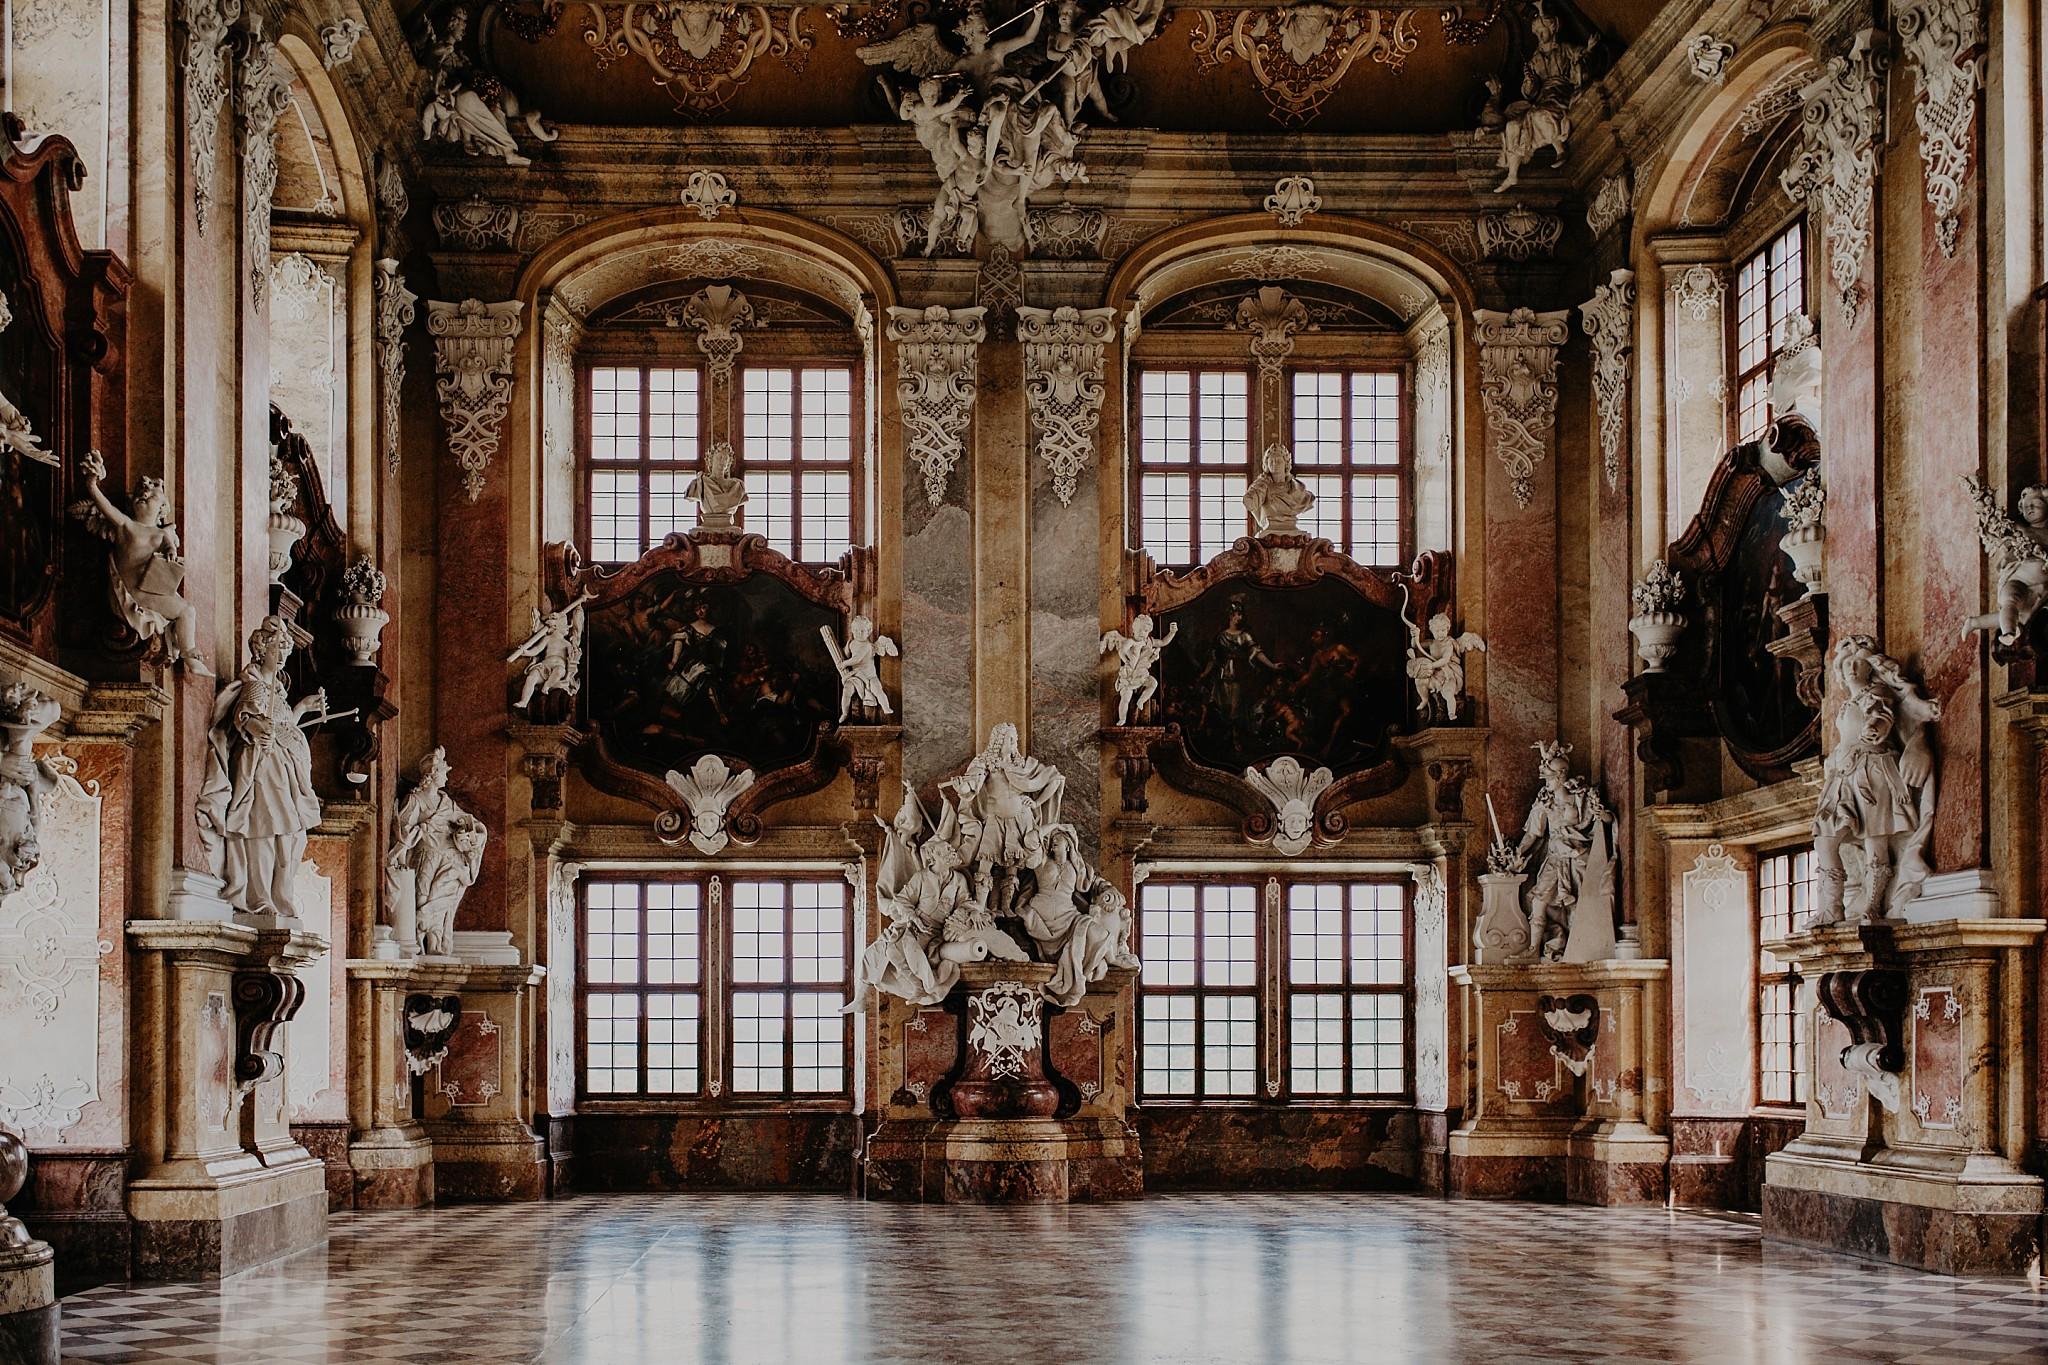 lubiaz opactwo cystersow sesja na zamku sesja zdjeciowa sesja slubna w palacu sesja palac fotograf z poznania fotografia slubna poznan 038